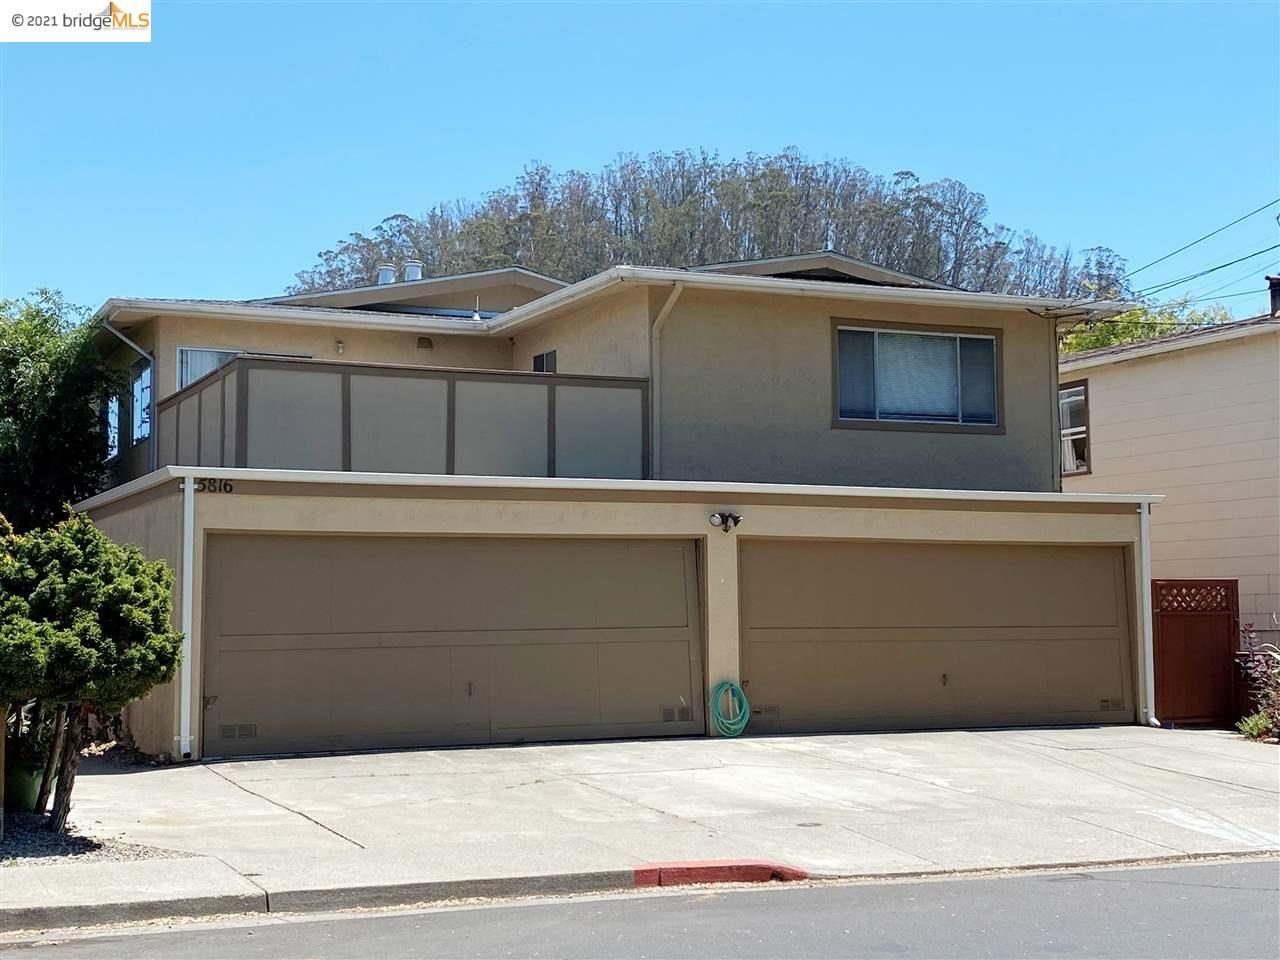 Photo of 5816 San Diego St, EL CERRITO, CA 94530 (MLS # 40961180)